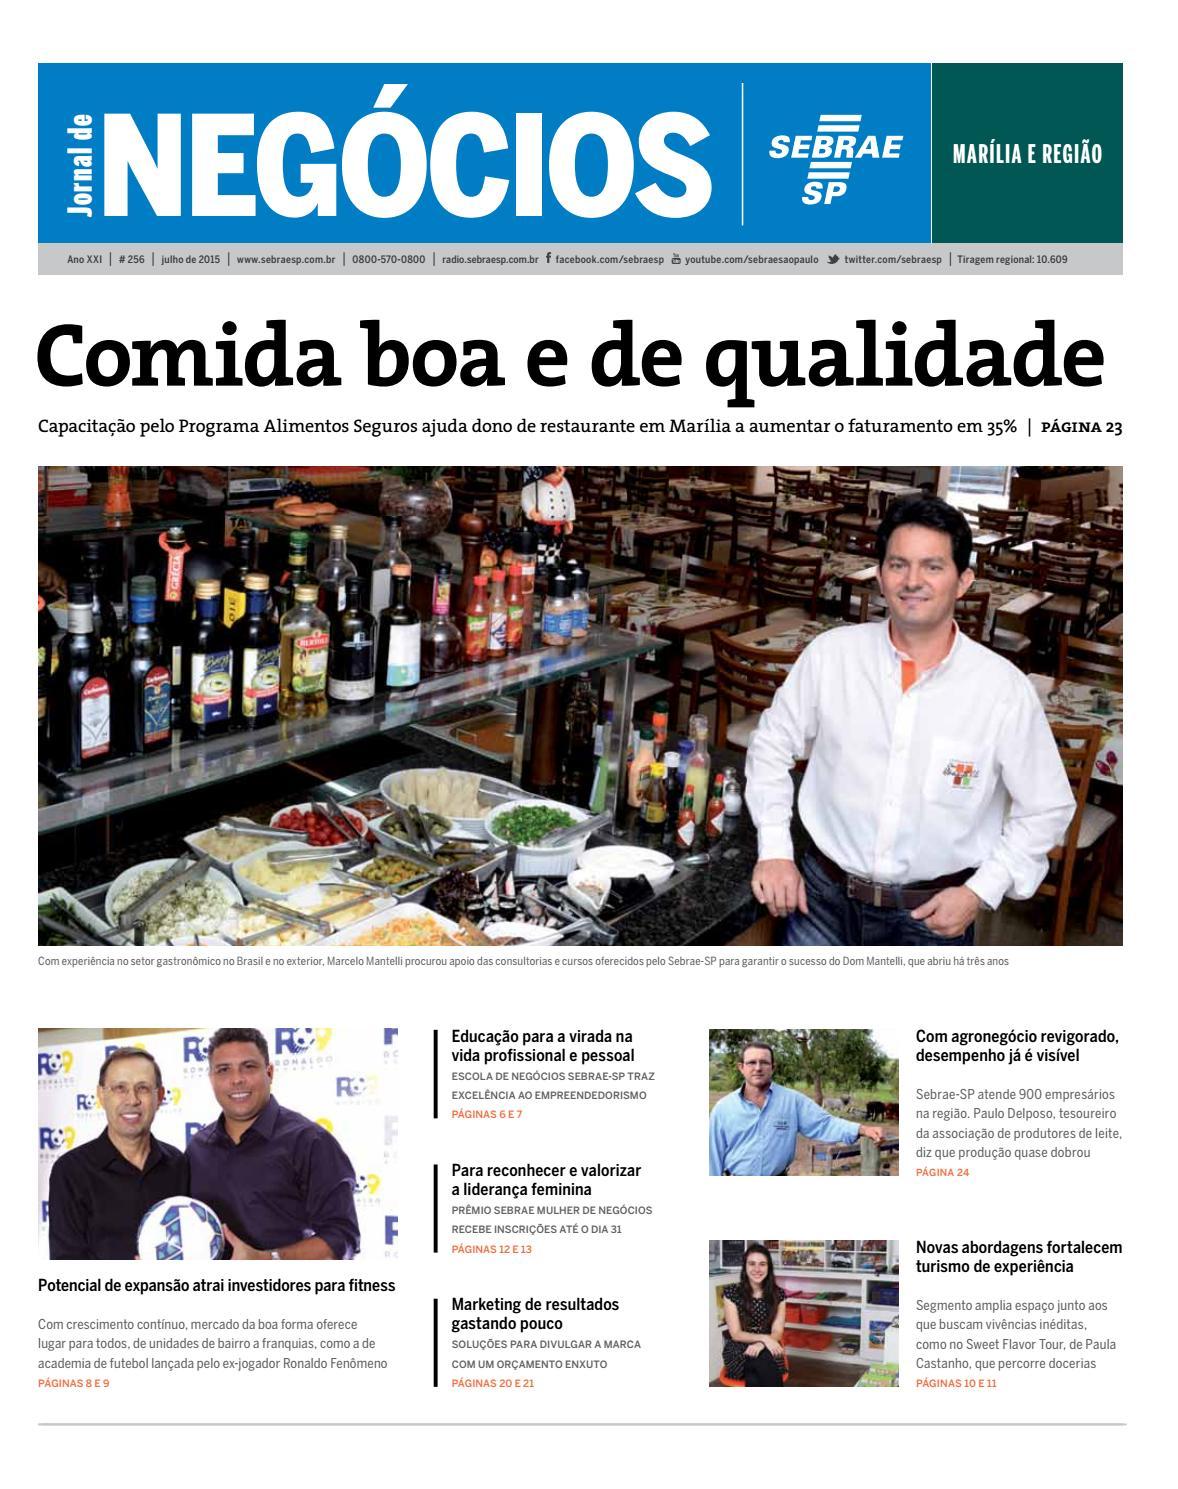 Jornal De Neg Cios Sebrae Sp Julho De 2015 Mar Lia E Regi O By